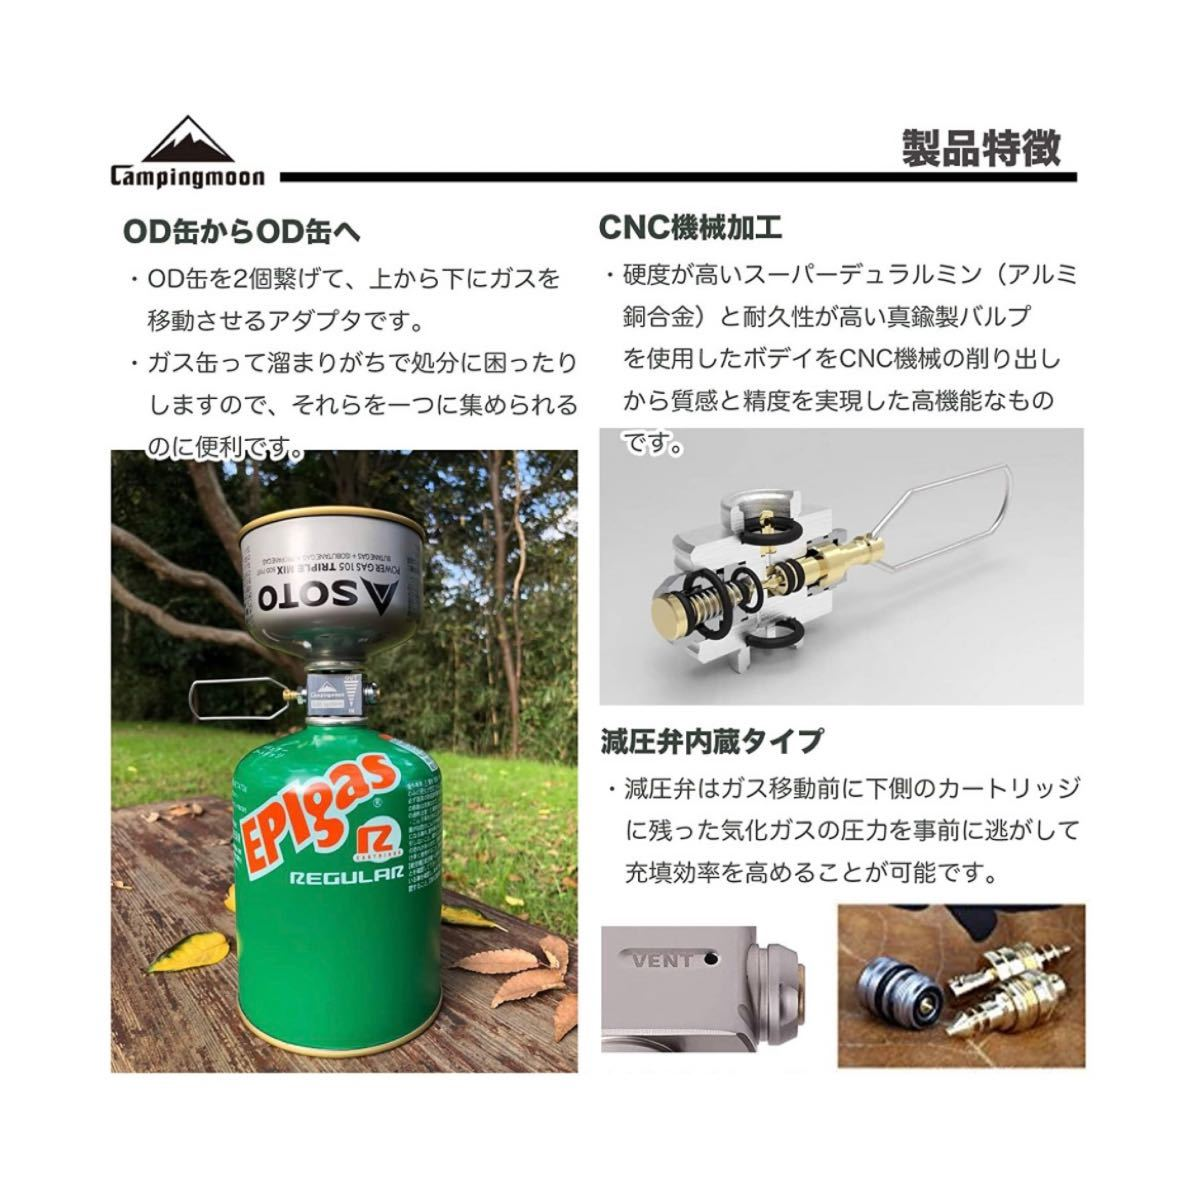 キャンピングムーン(CAMPING MOON)OD缶口金アダプター マルチガスバルプ CB缶 OD缶 詰め替え Z11/Z15